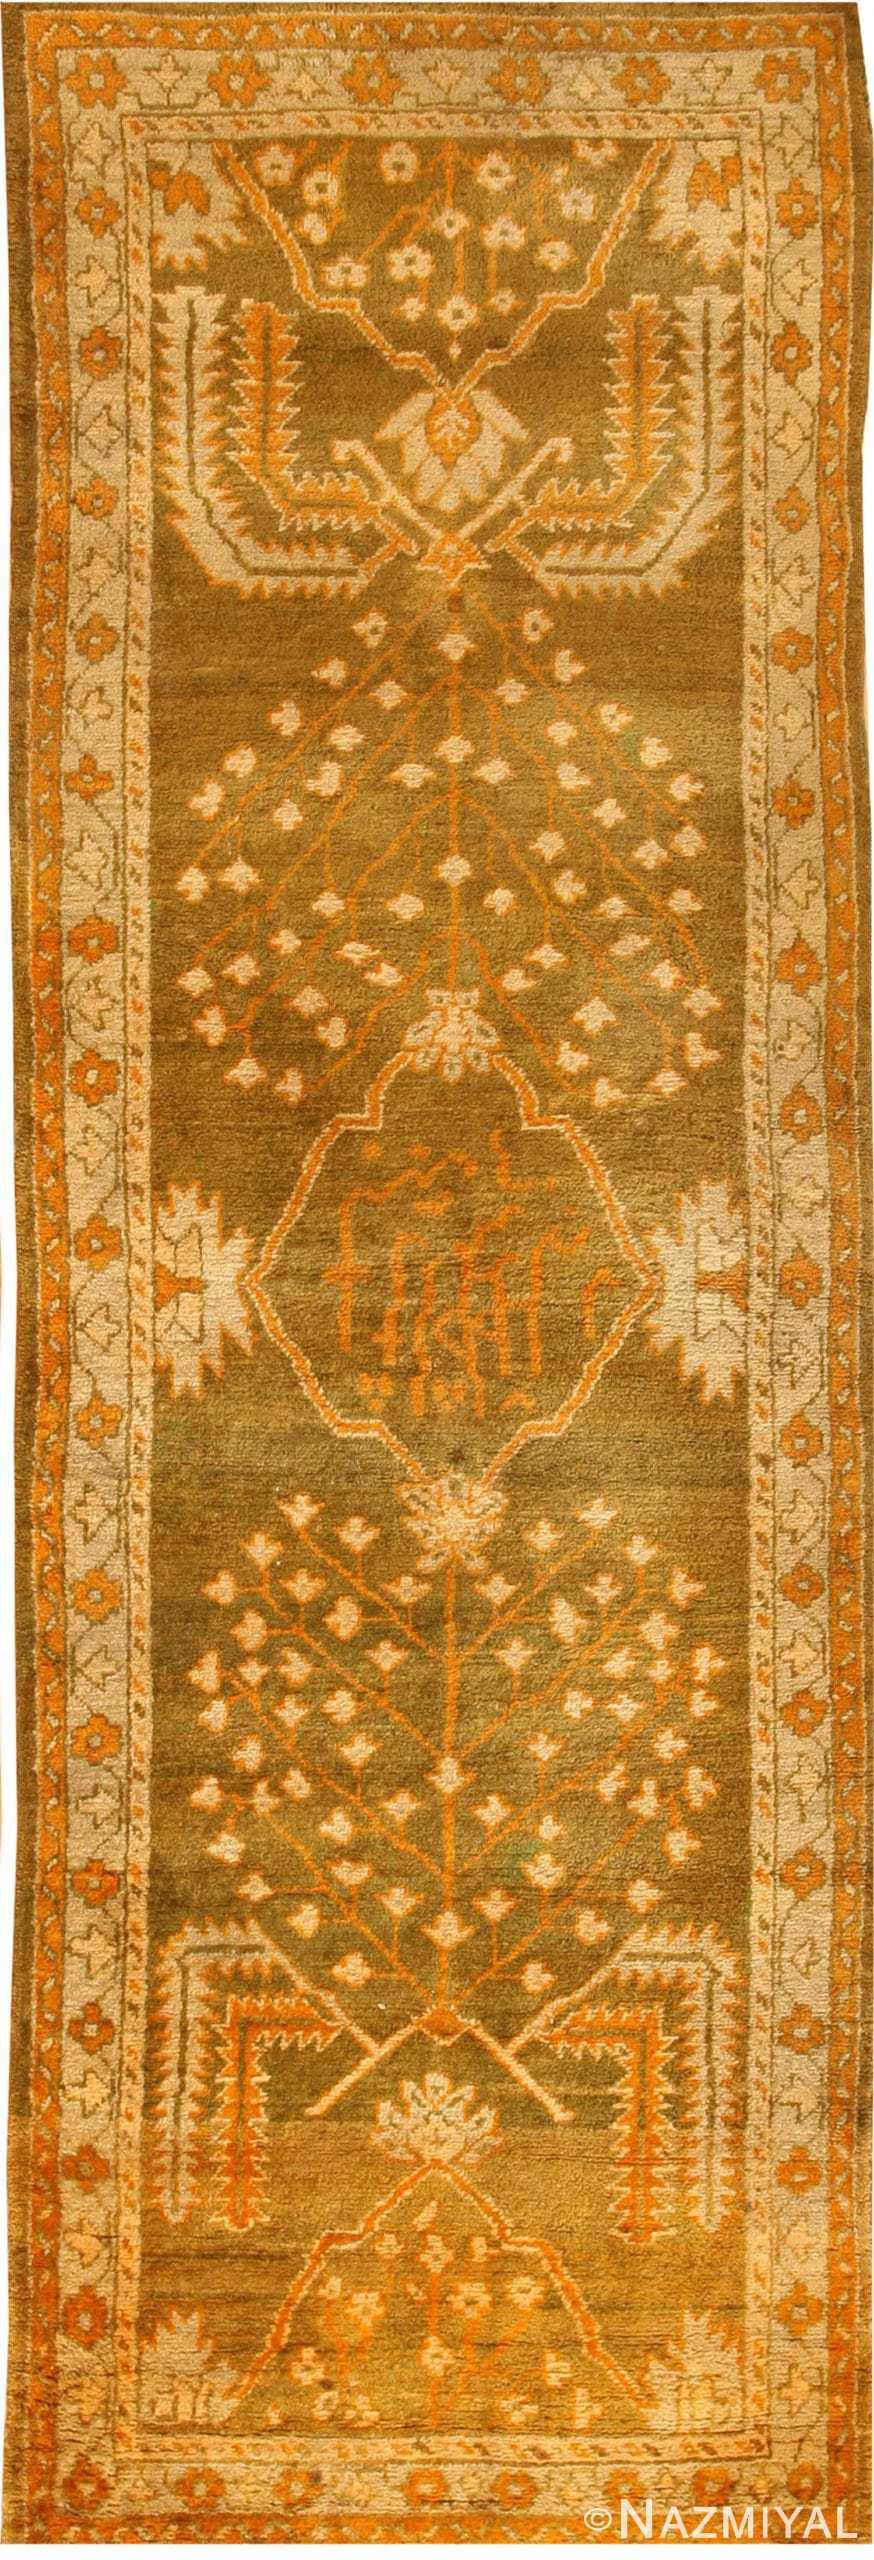 Antique Oushak Turkish Rug 42997 Nazmiyal